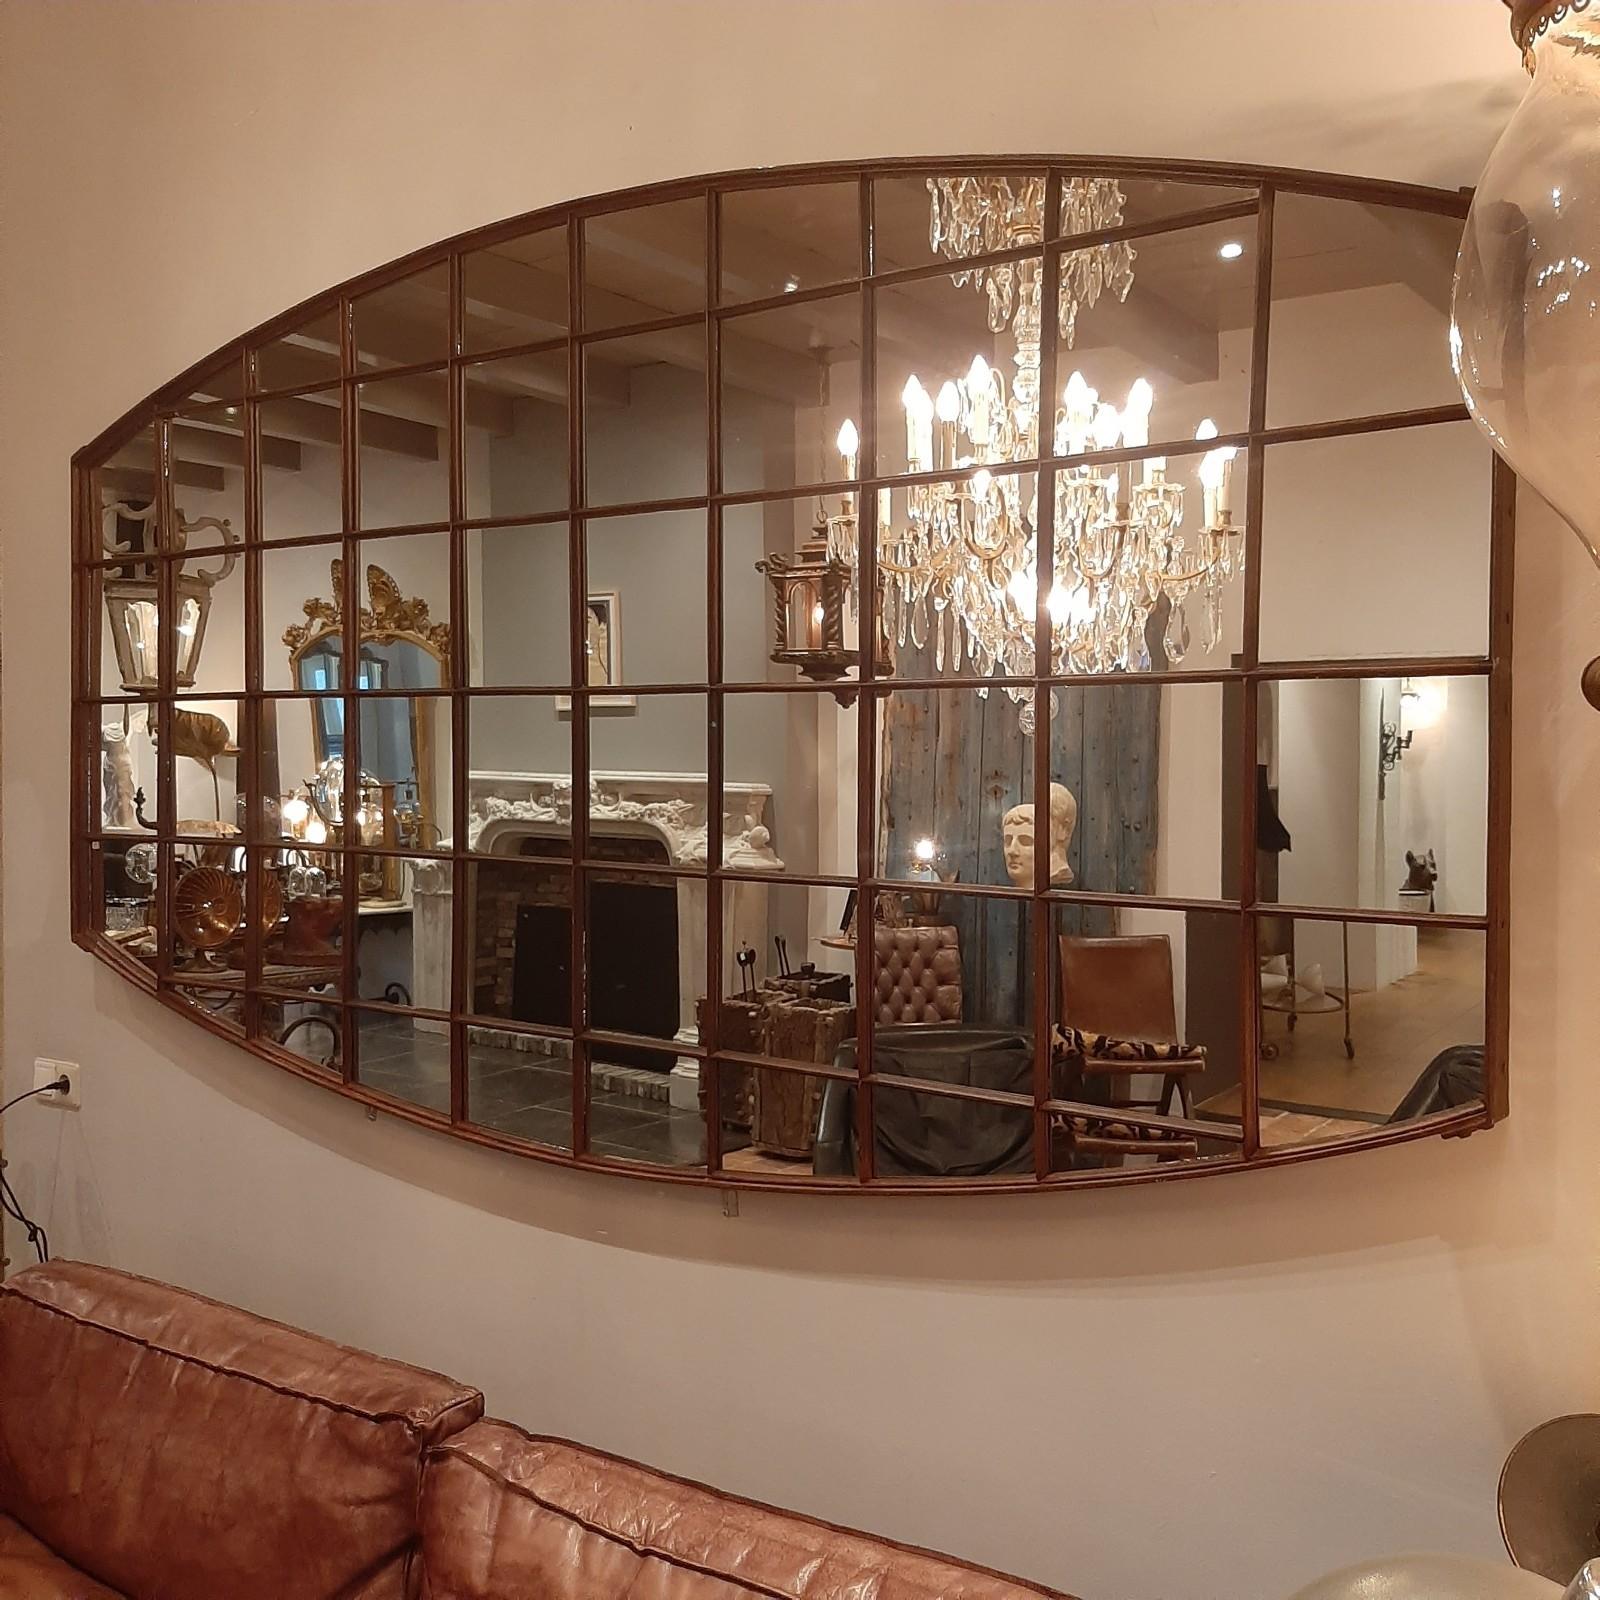 Zeer grote spiegel gemaakt van oud ijzeren fabrieksraam